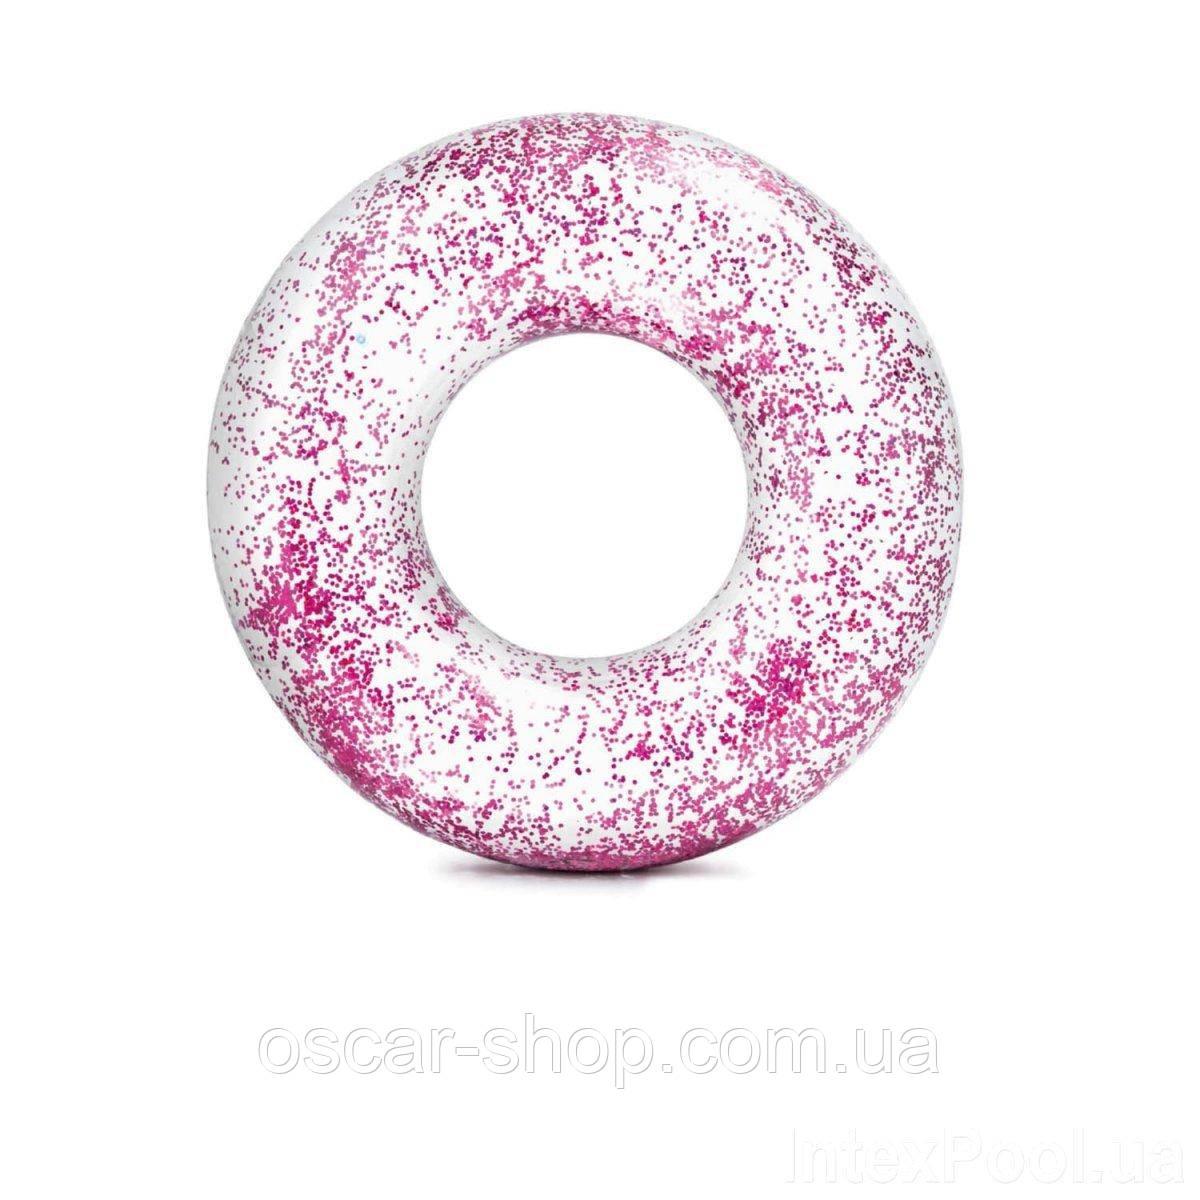 Надувной круг Intex  «Розовый блеск», 119 см, золотой